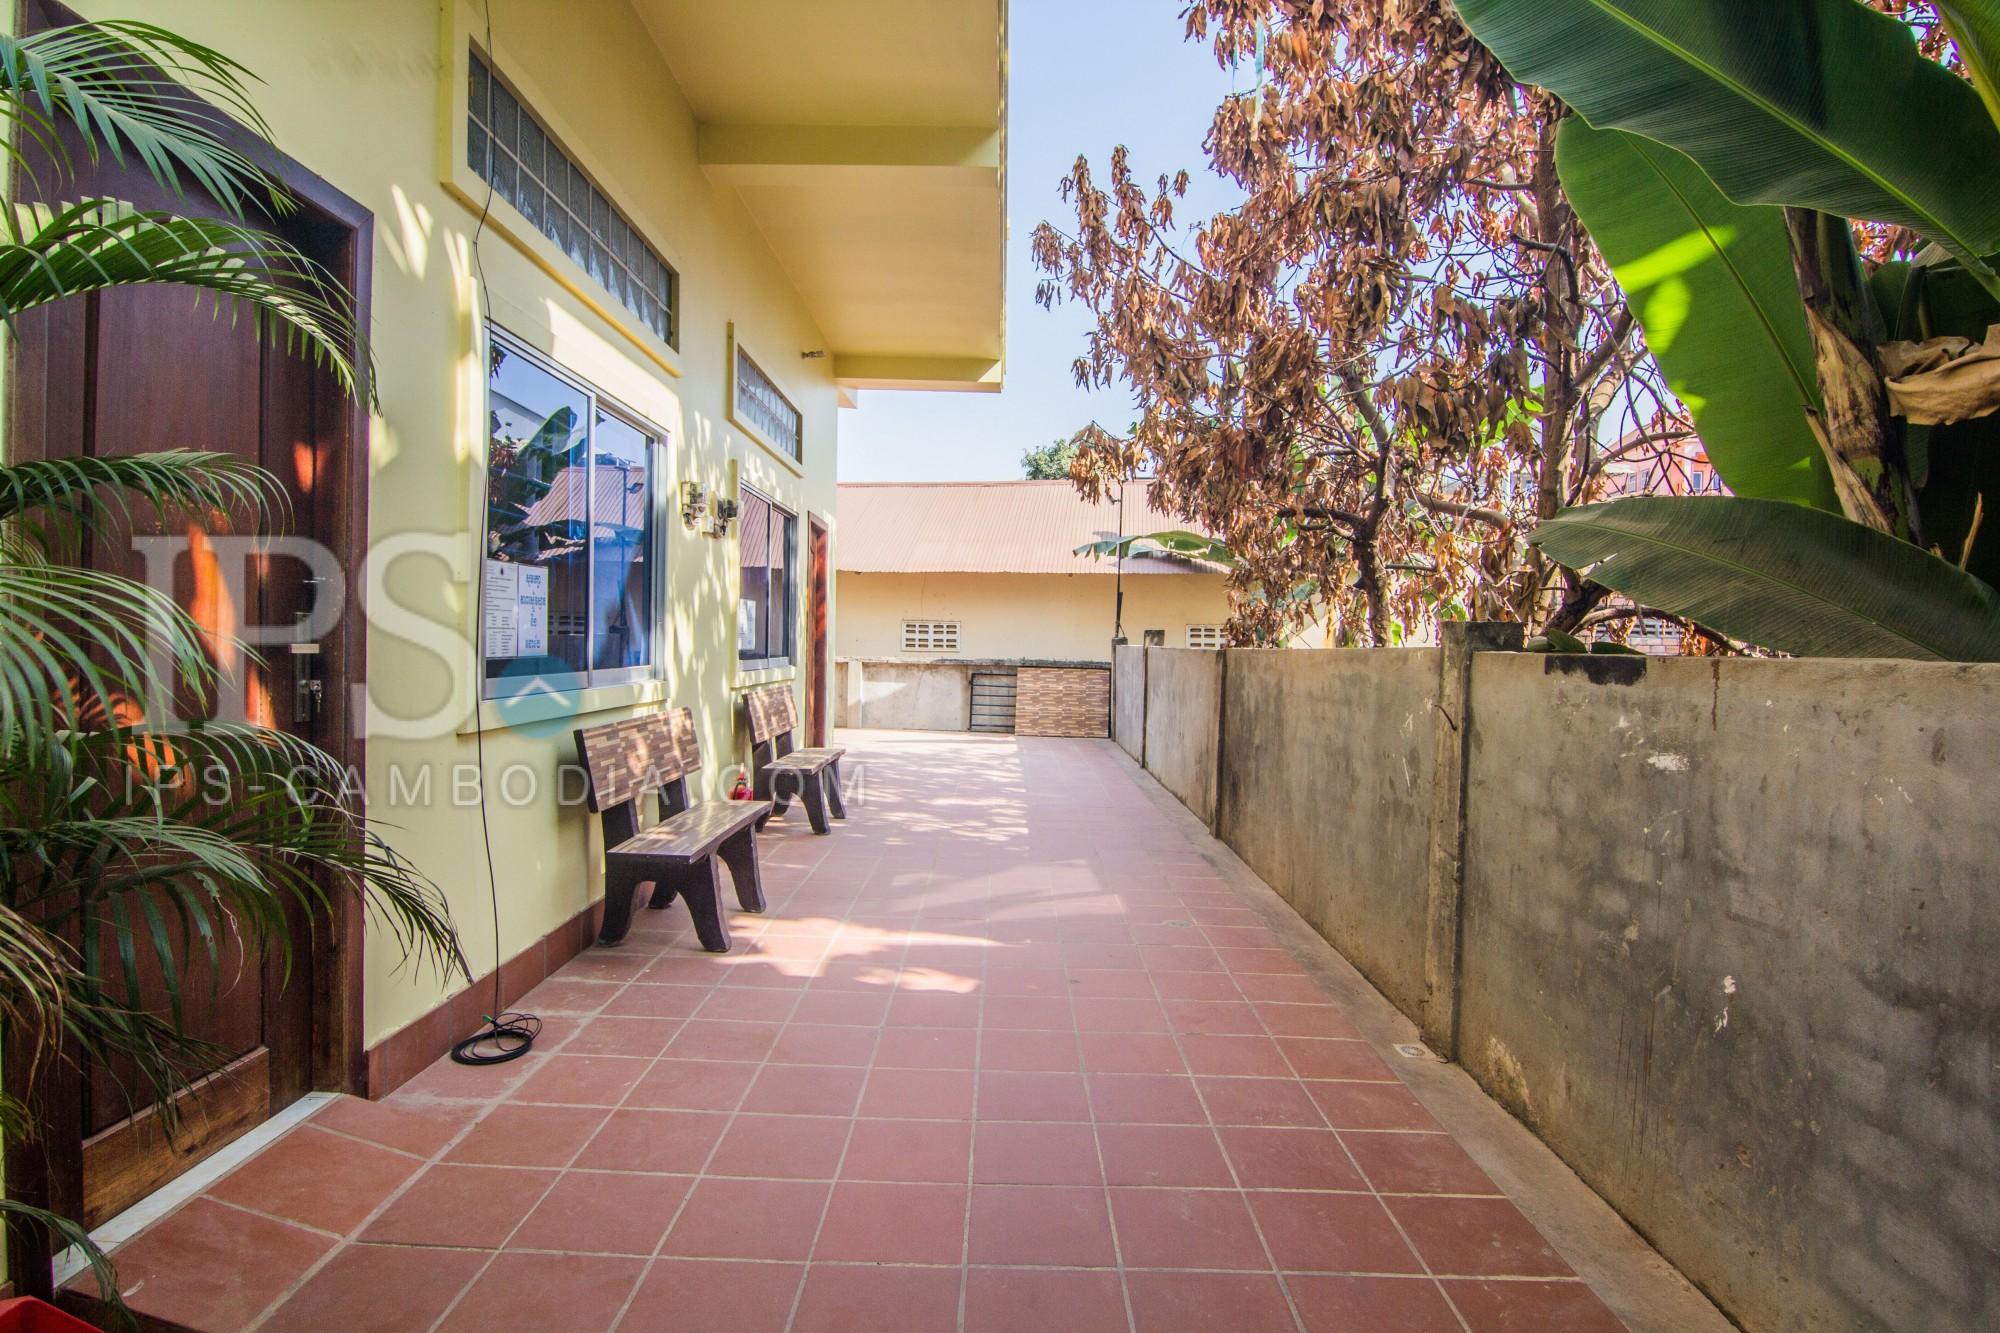 1 Bed Studio Apartment For Rent - Svay Dangkum, Siem Reap